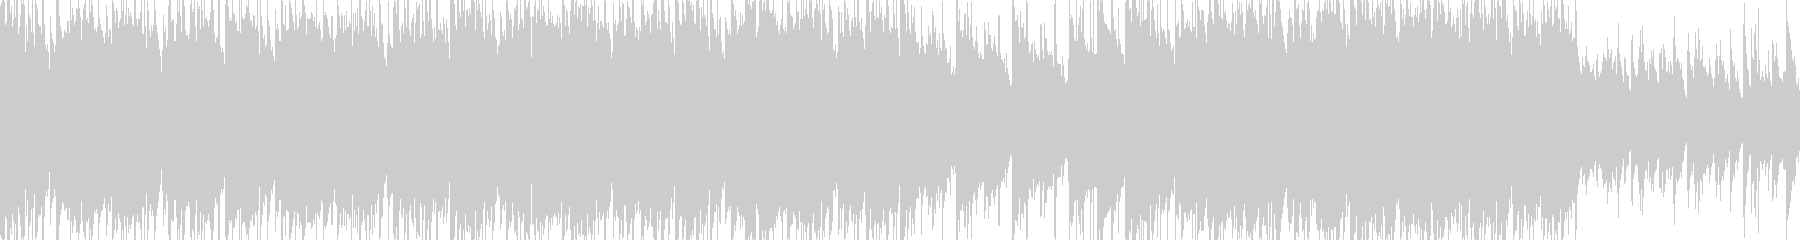 キャッチーピアノ、バイオリンメロの未再生の波形